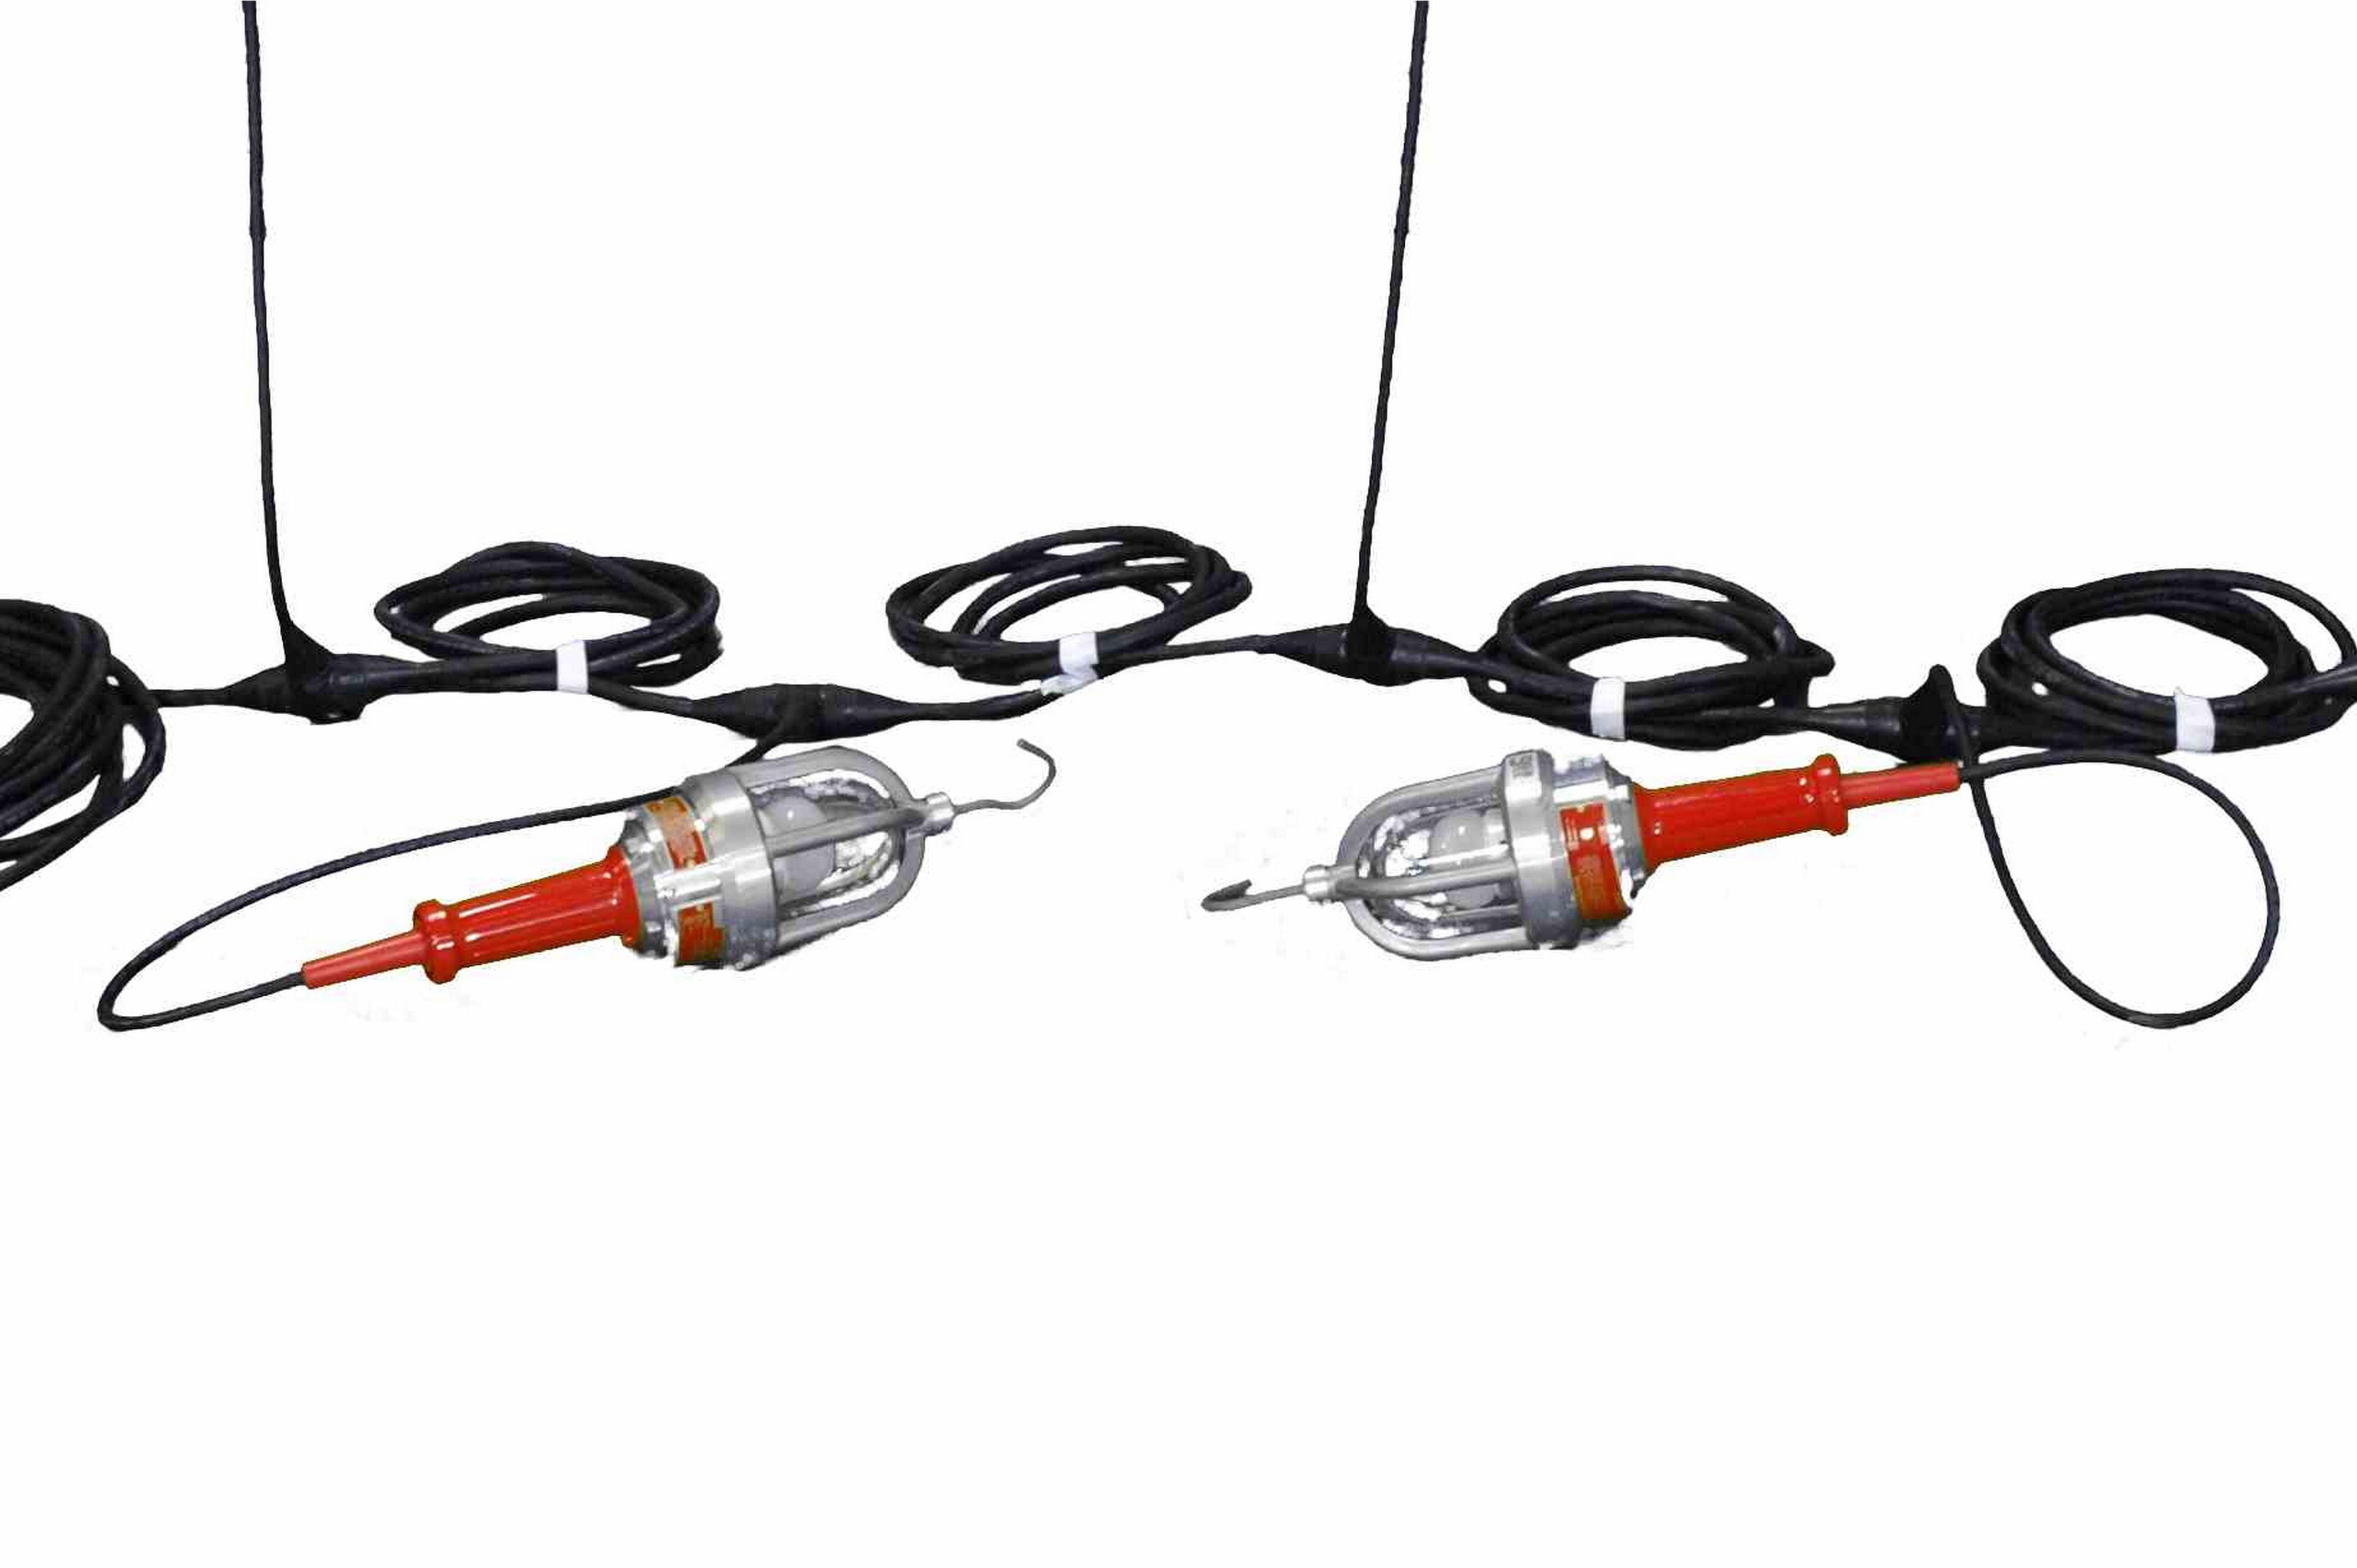 explosion proof led string lights - 8 lights - twistlock plug